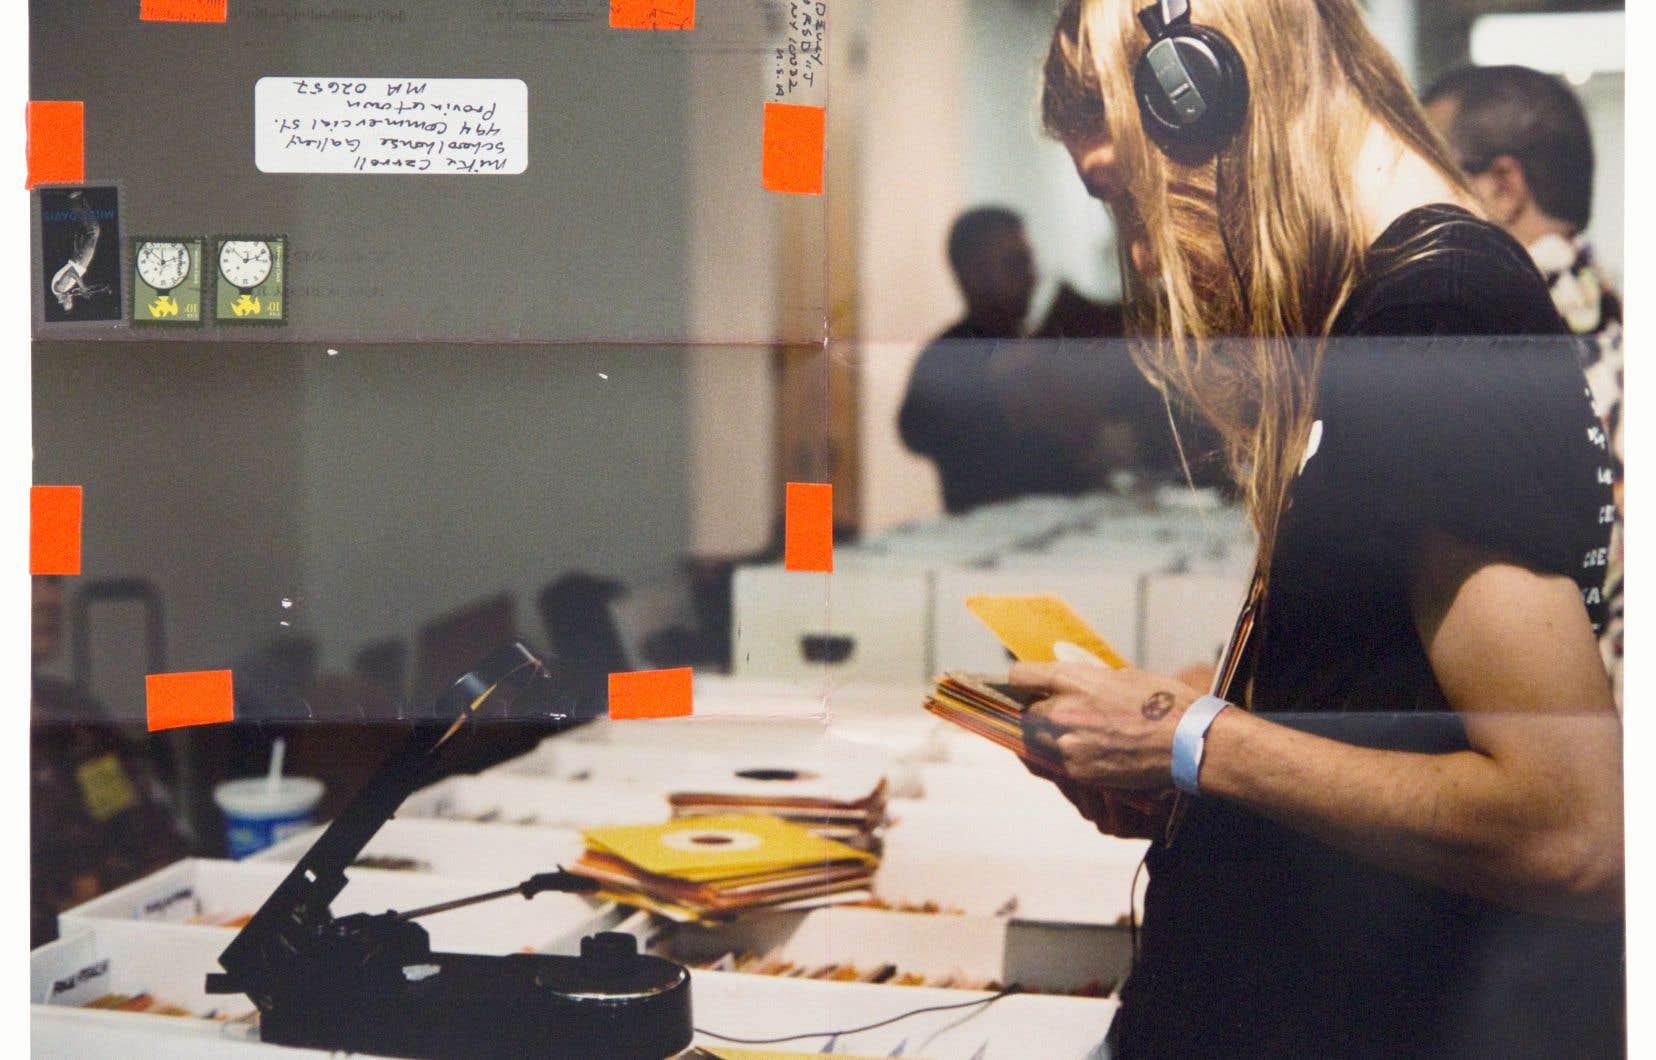 Moyra Davey, «Les fervents» (détail), 2013. Douze épreuves à développement chromogène, ruban adhésif, timbres postaux, encre. Collection de l'artiste, avec l'autorisation de greengrassi à Londres, et de la galerie Buchholz, à Berlin, Cologne et New York.